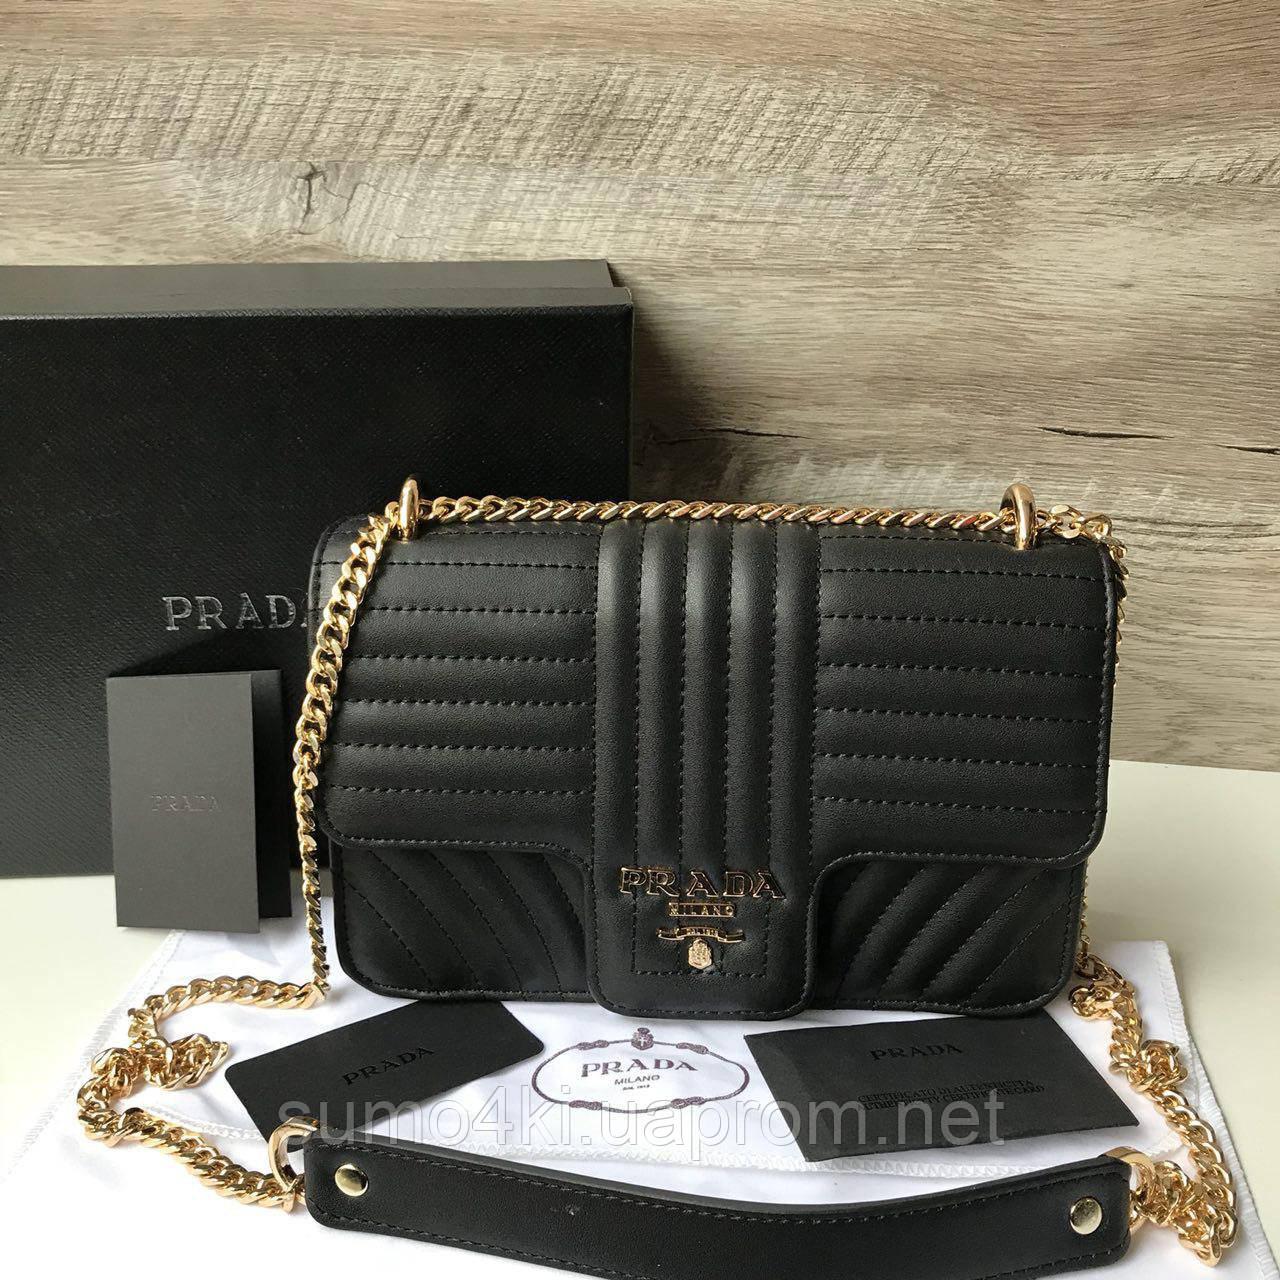 c9fc6236587d Женская кожаная сумка клатч Prada - Интернет-магазин «Галерея Сумок» в  Одессе